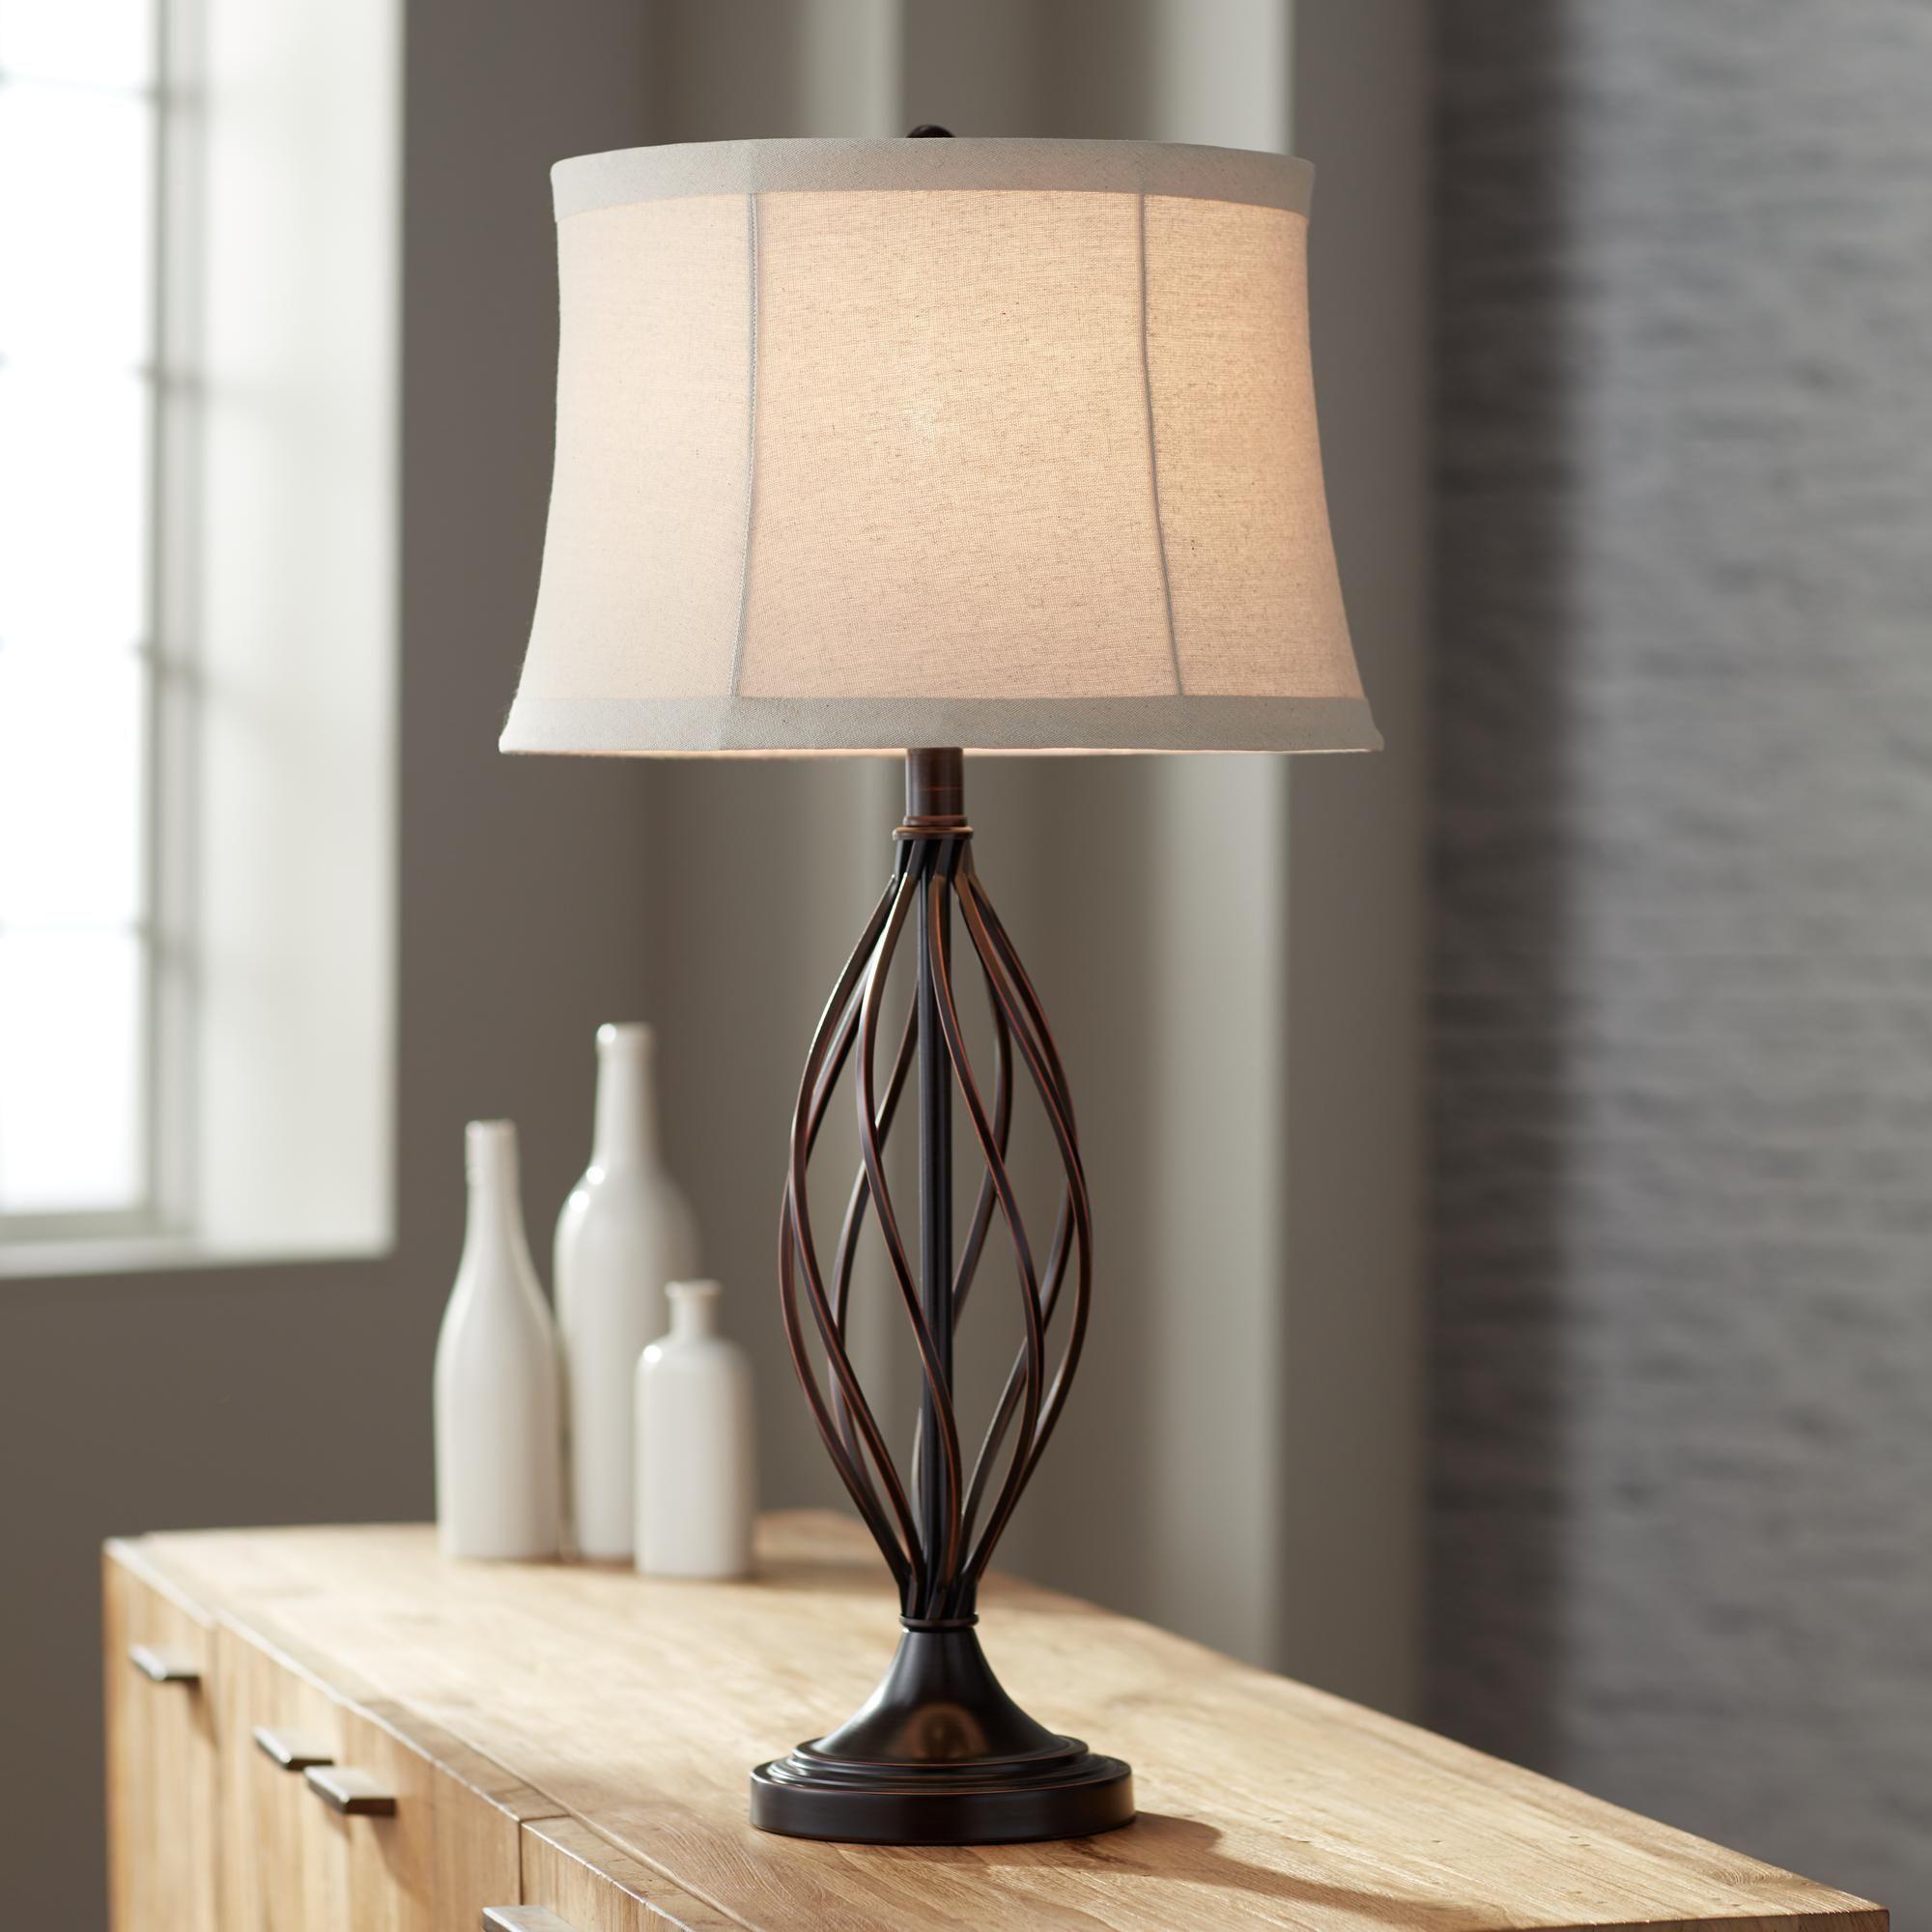 Liam Iron Twist Bronze Table Lamp Bronze Iron Lamp Liam Table Twist Table Lamps For Bedroom Bronze Table Lamp Table Lamp